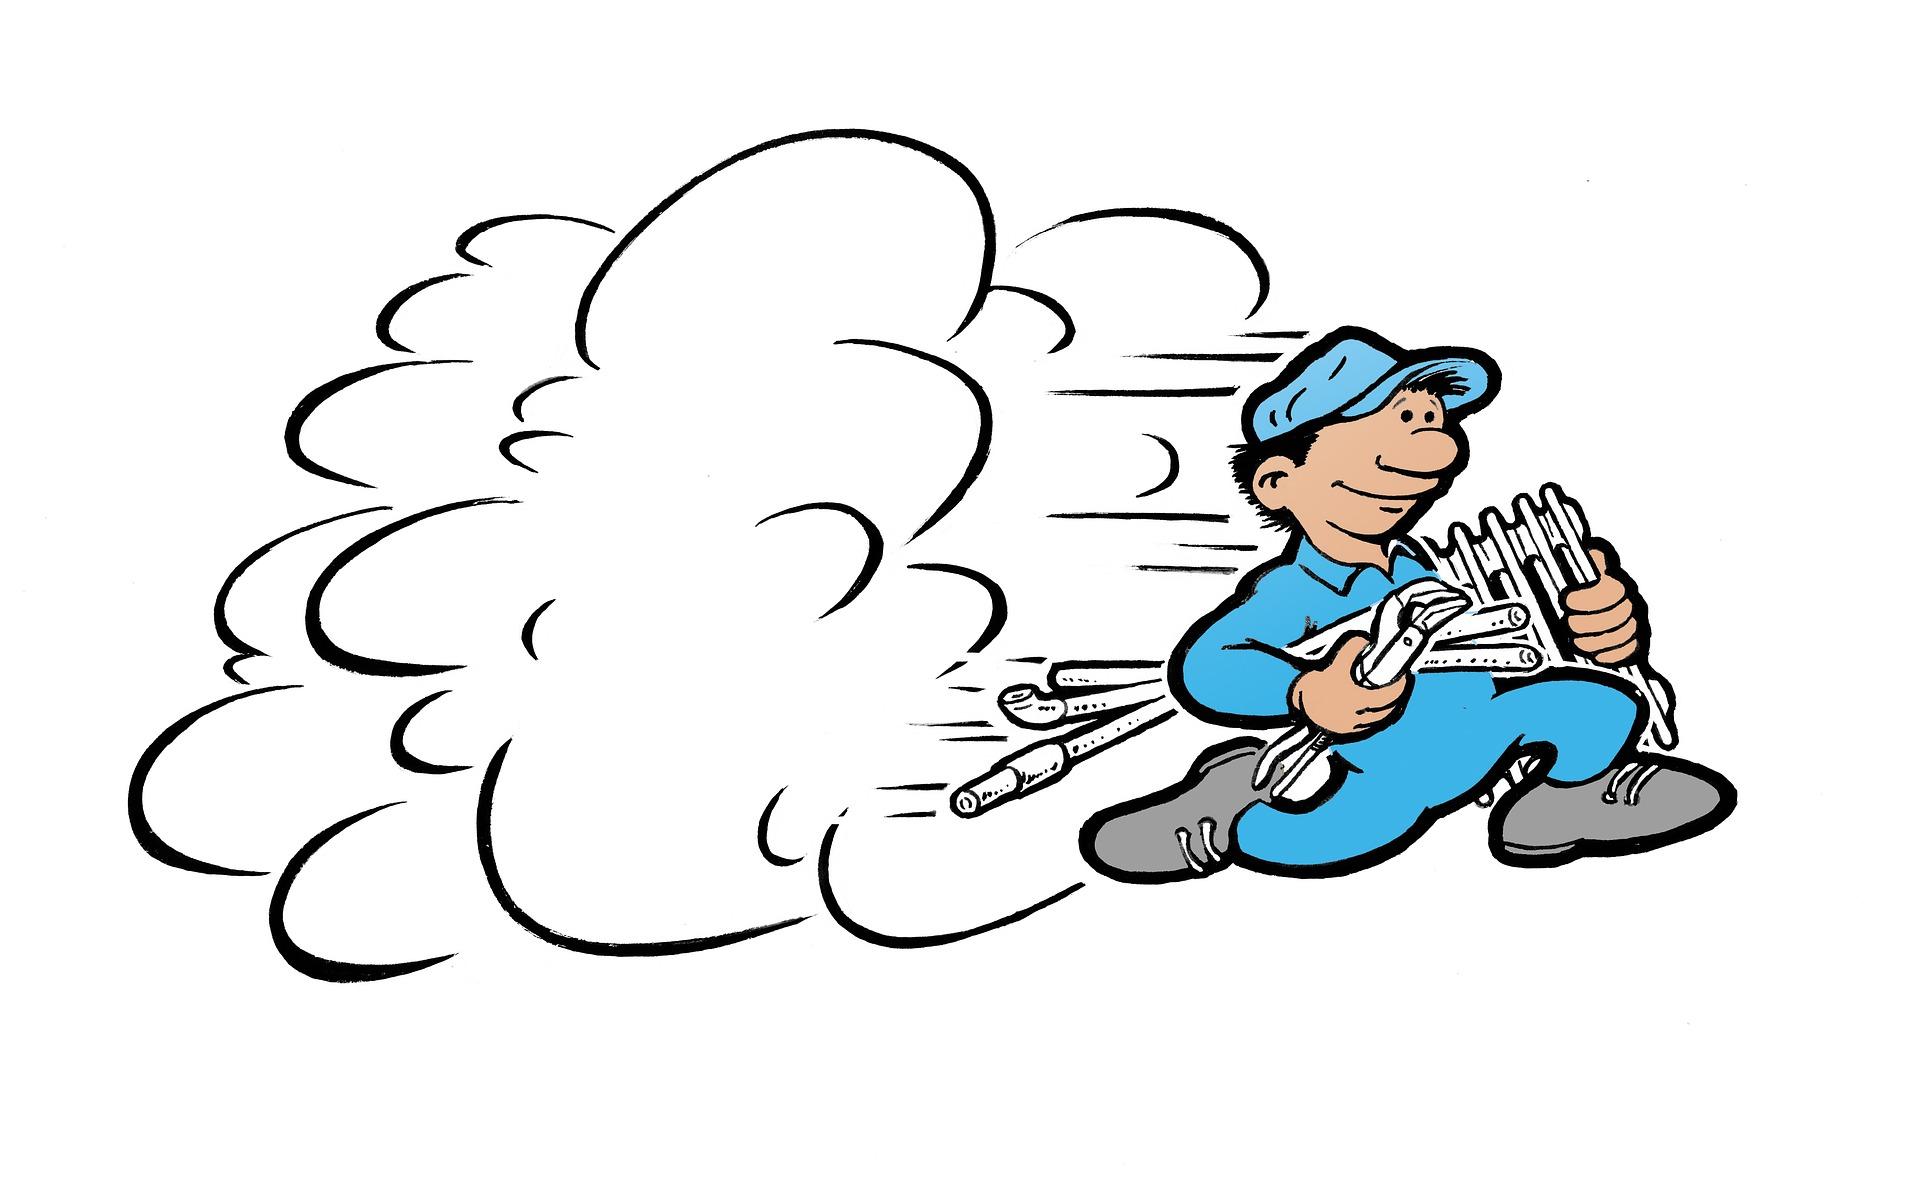 heizkosten-sparen-heizen-heizkoerper-entlueften-bautrocknung-duregger-luftfeuchtigkeit-lueften-bautrockner-mieten-muenchen-heiztechniker